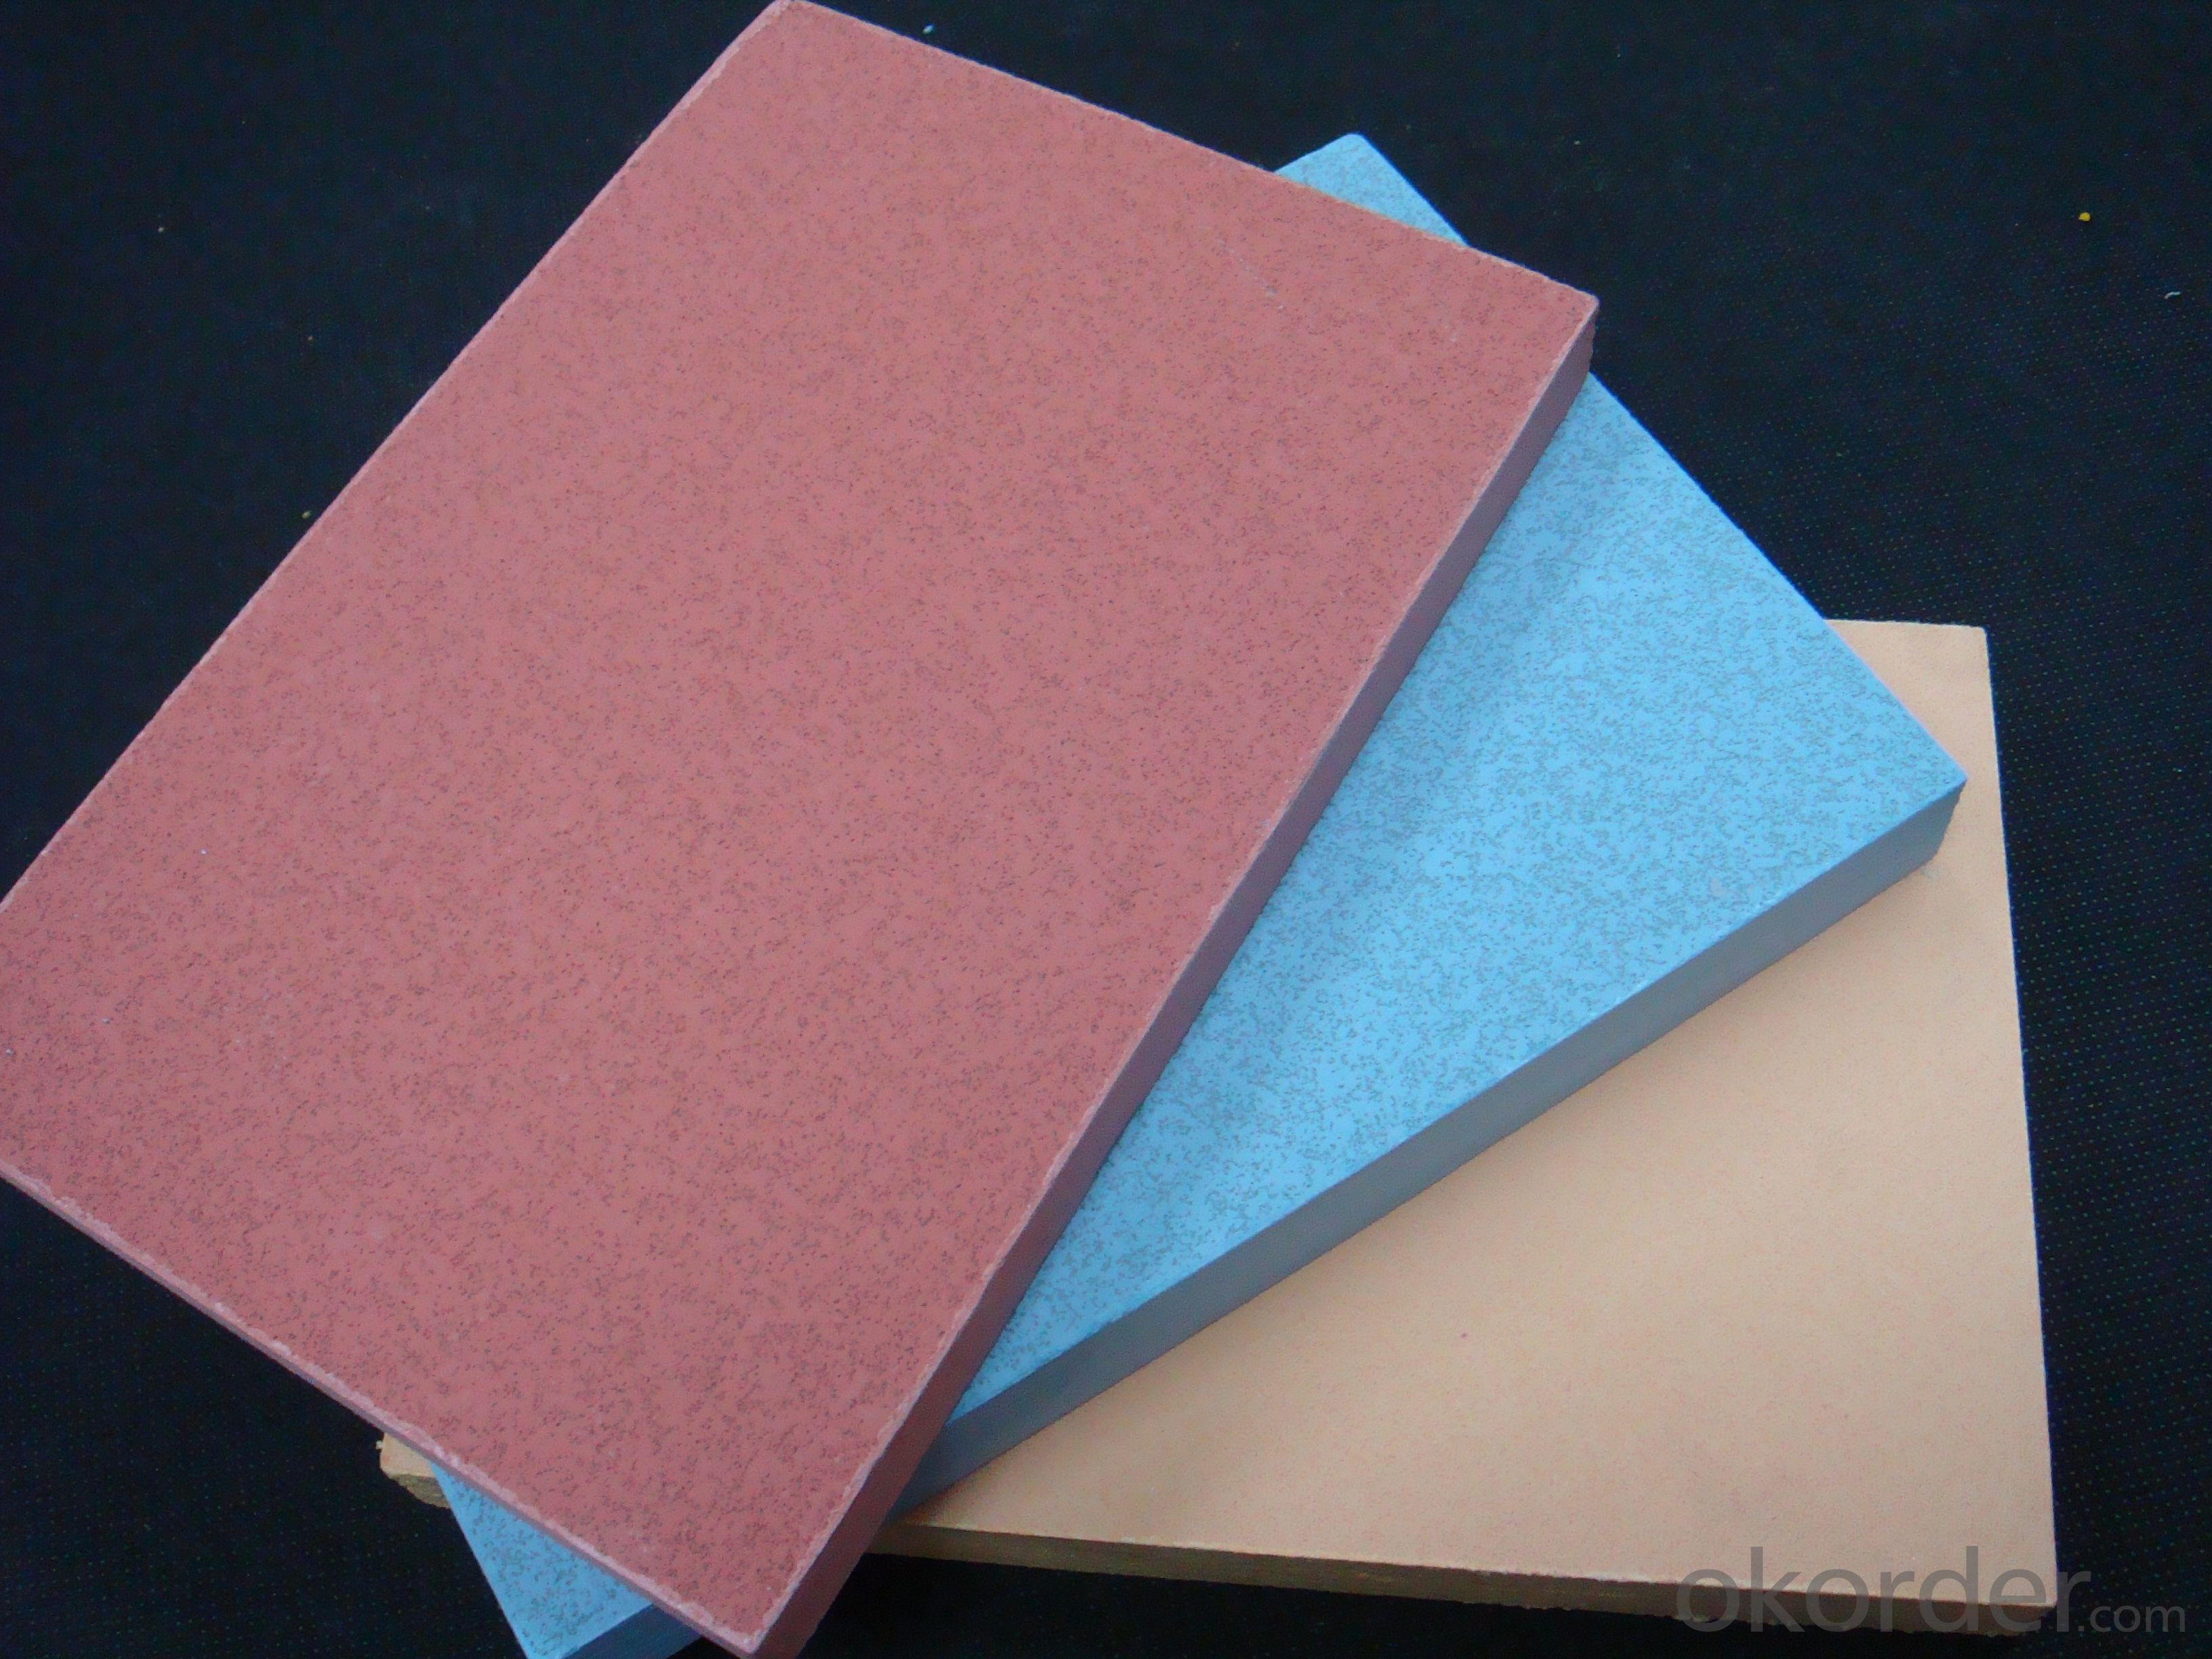 Fiberglass Ceiling Density 100K for Hot Sale